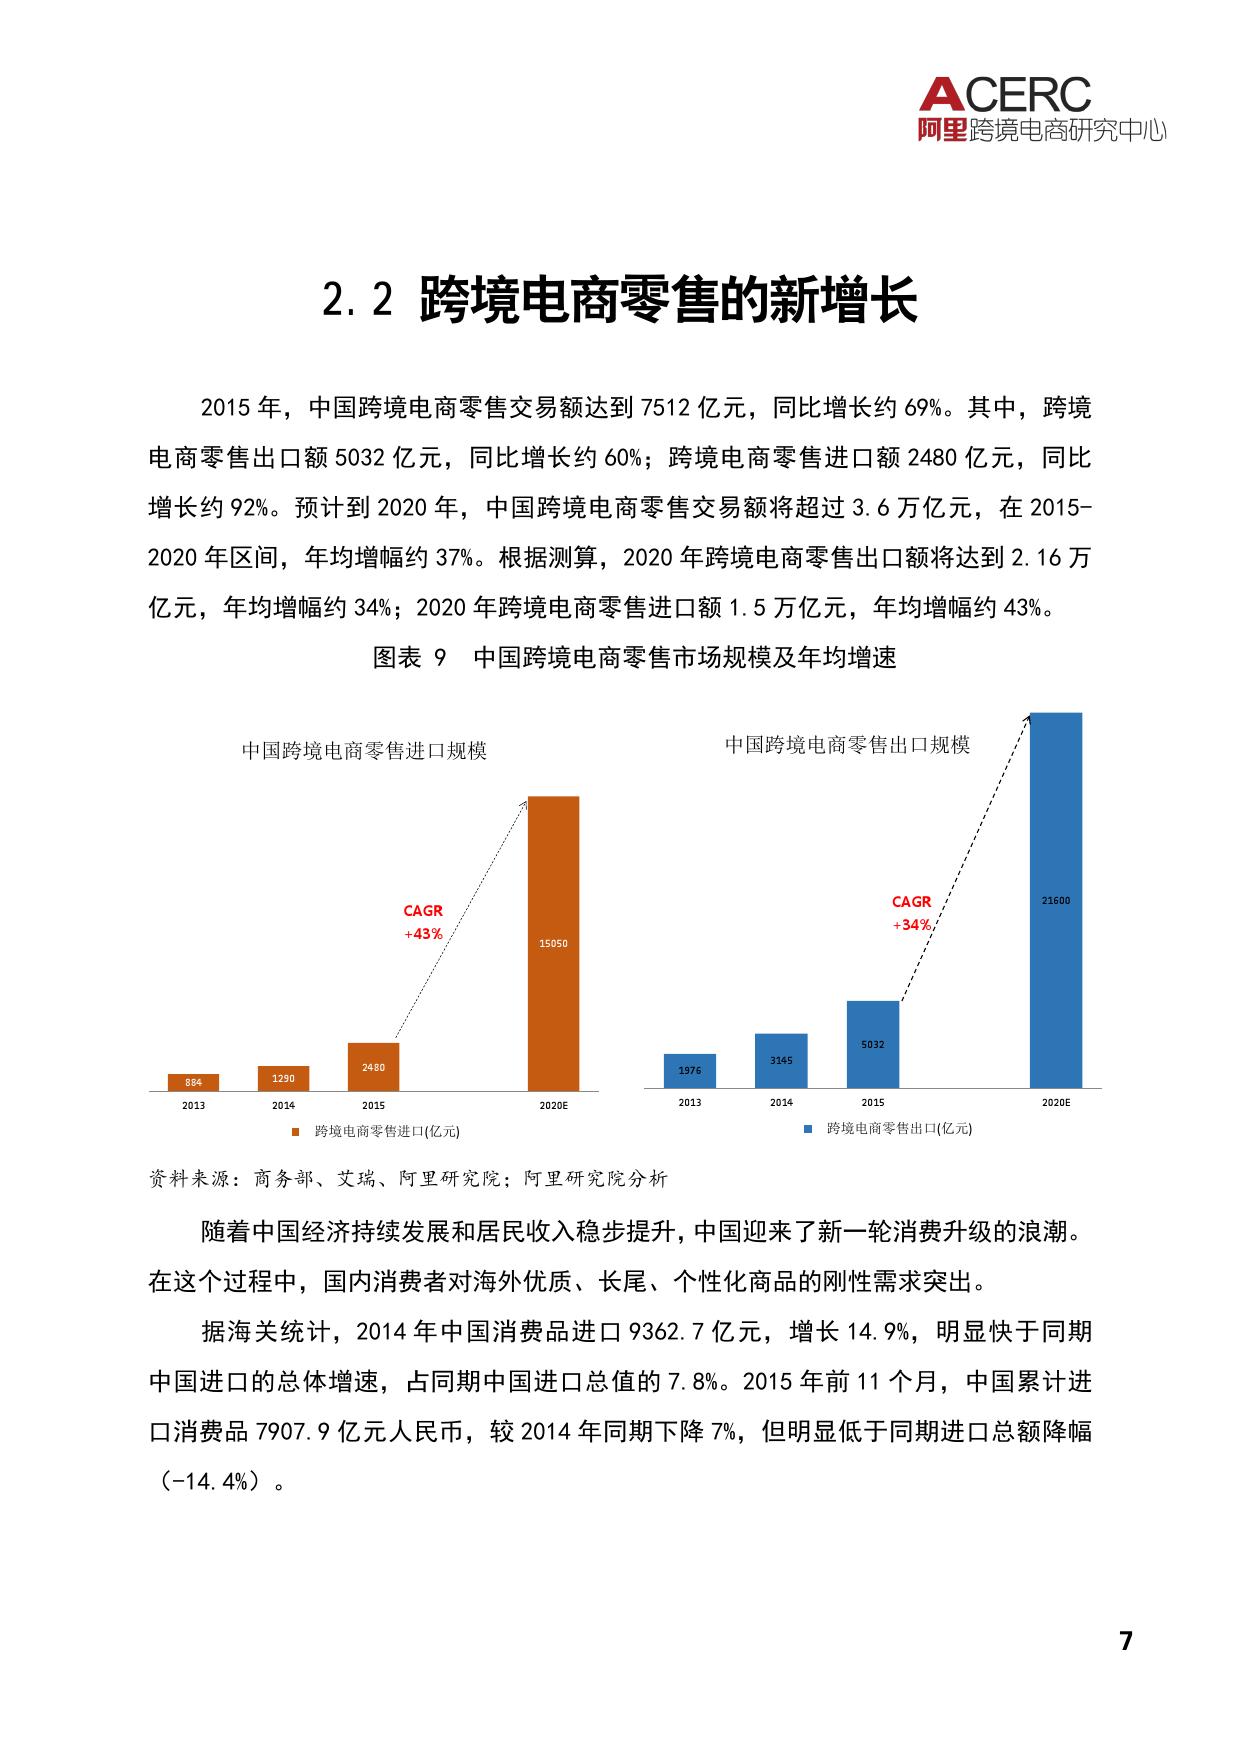 2016中国跨境电商发展报告_000011